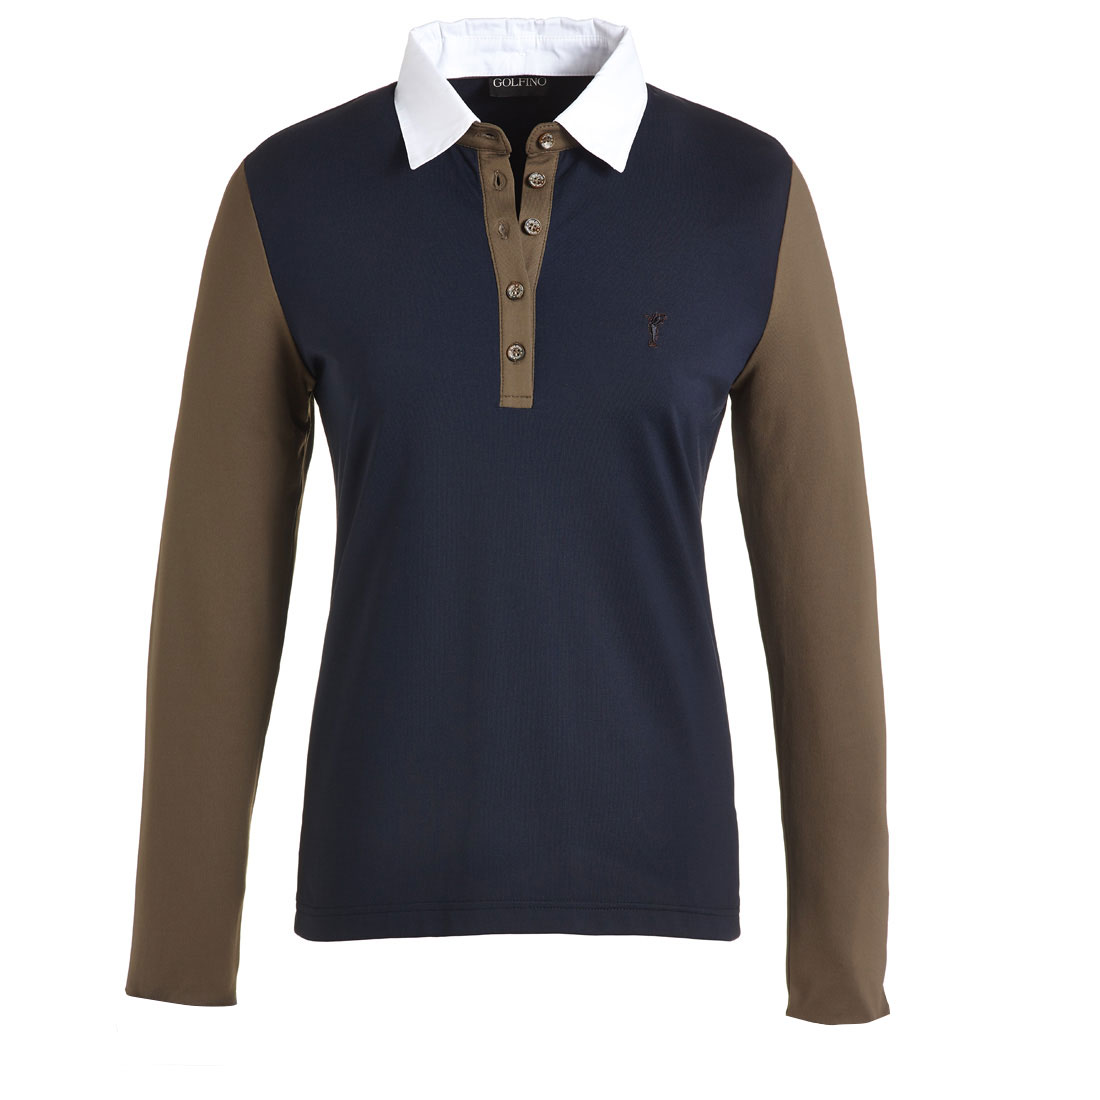 Poloshirt mit abnehmbaren Kragen und Manschetten